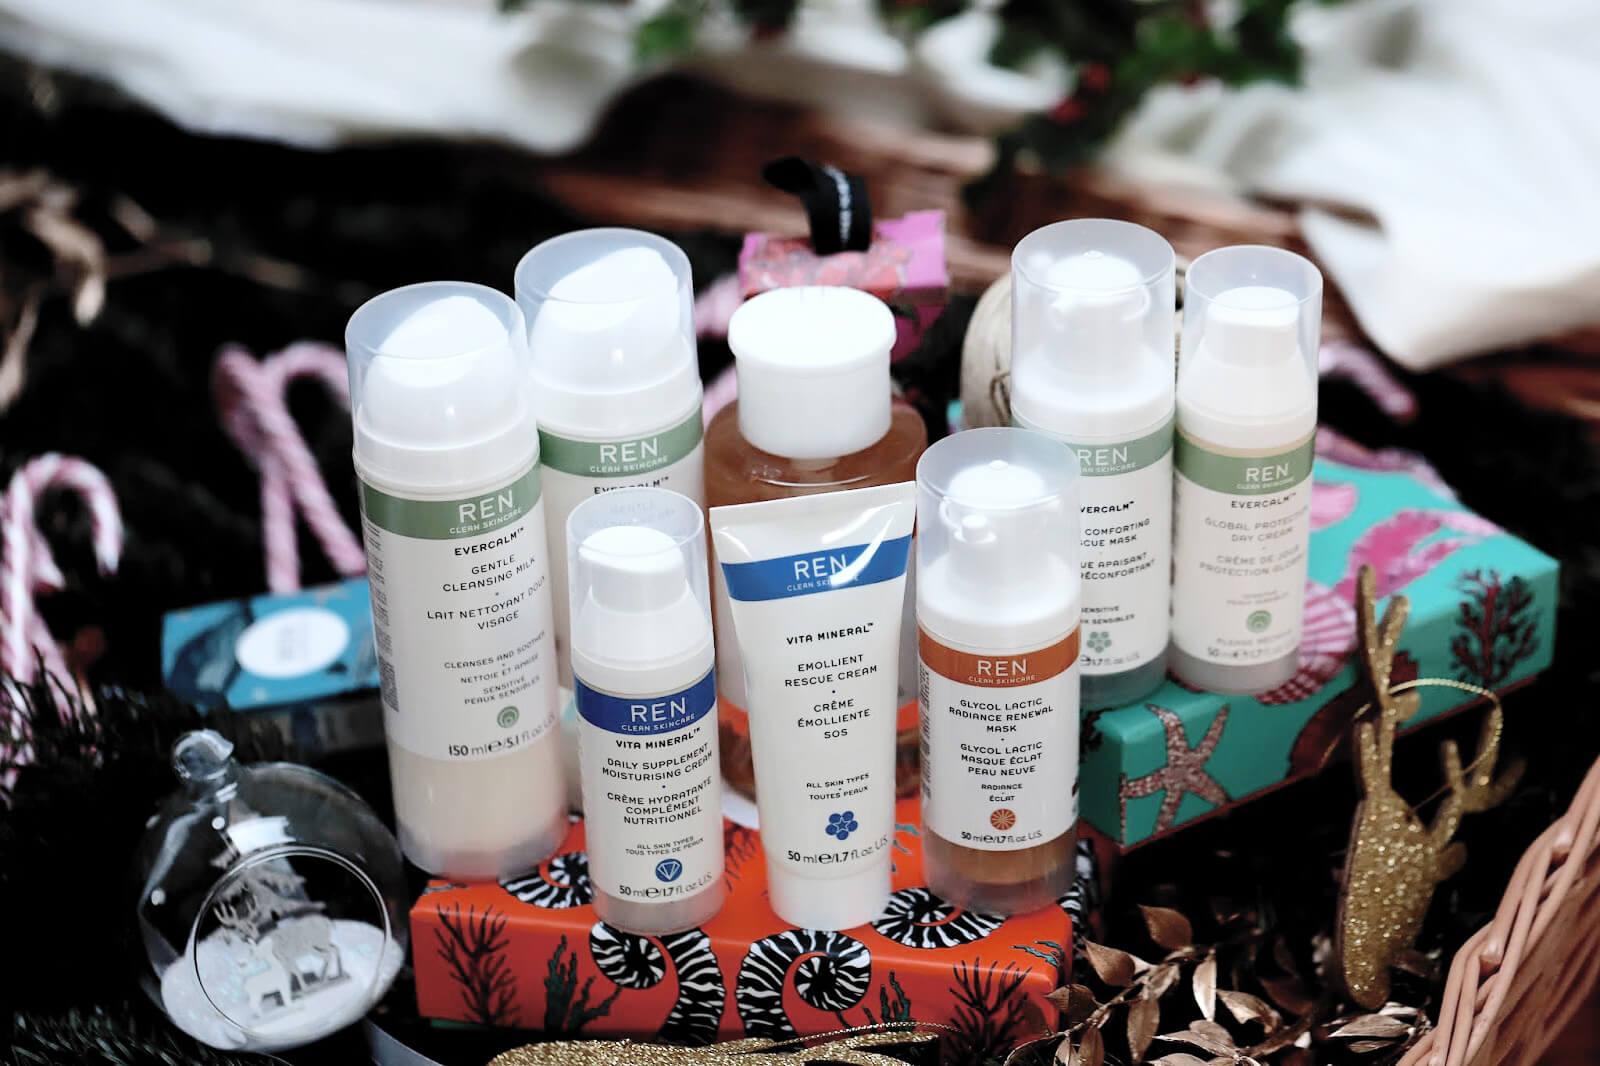 ren skin care soins visage clean avis